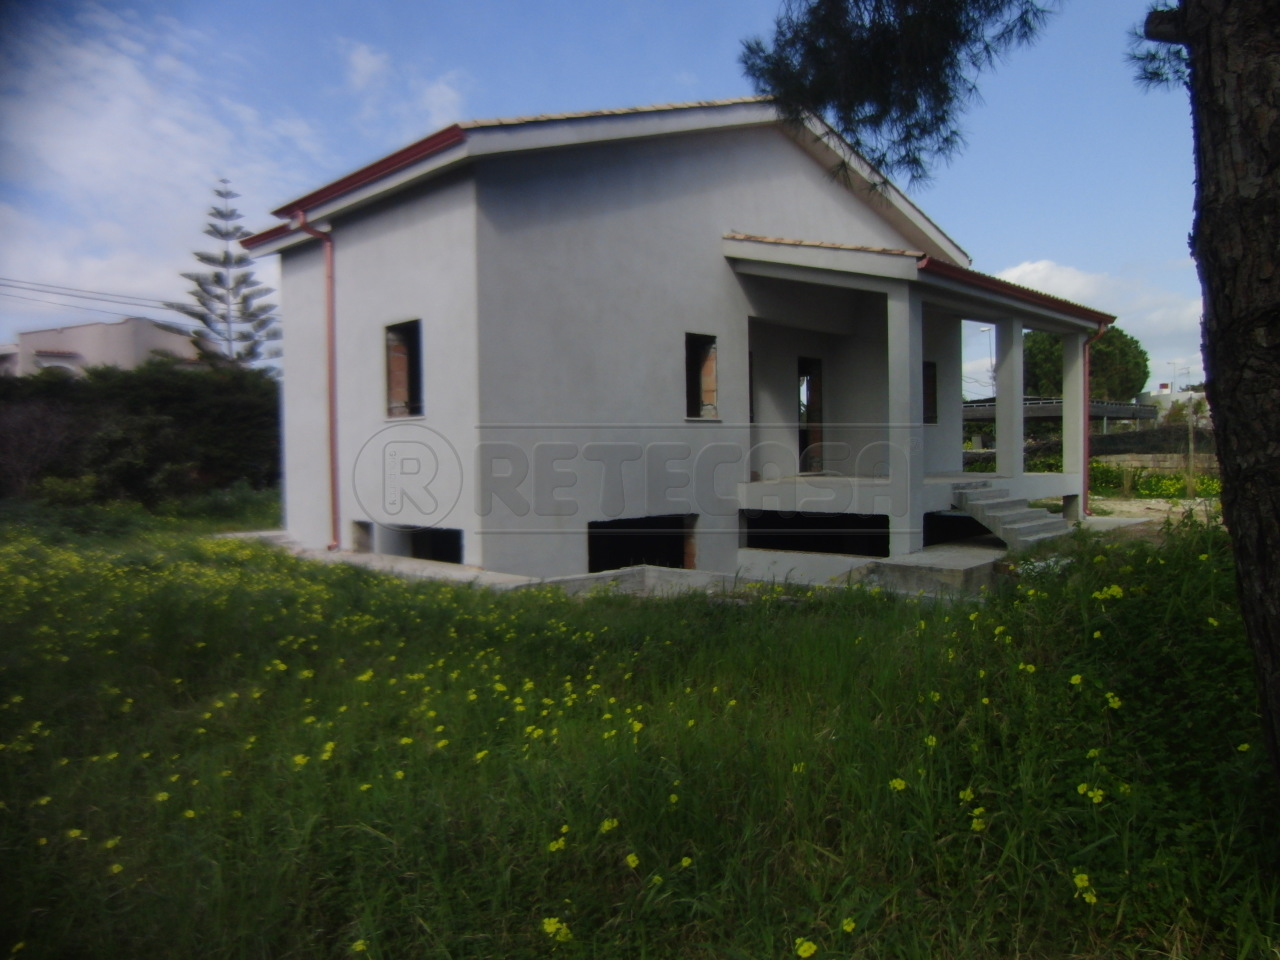 Villa in vendita a Siracusa, 7 locali, prezzo € 200.000 | Cambio Casa.it